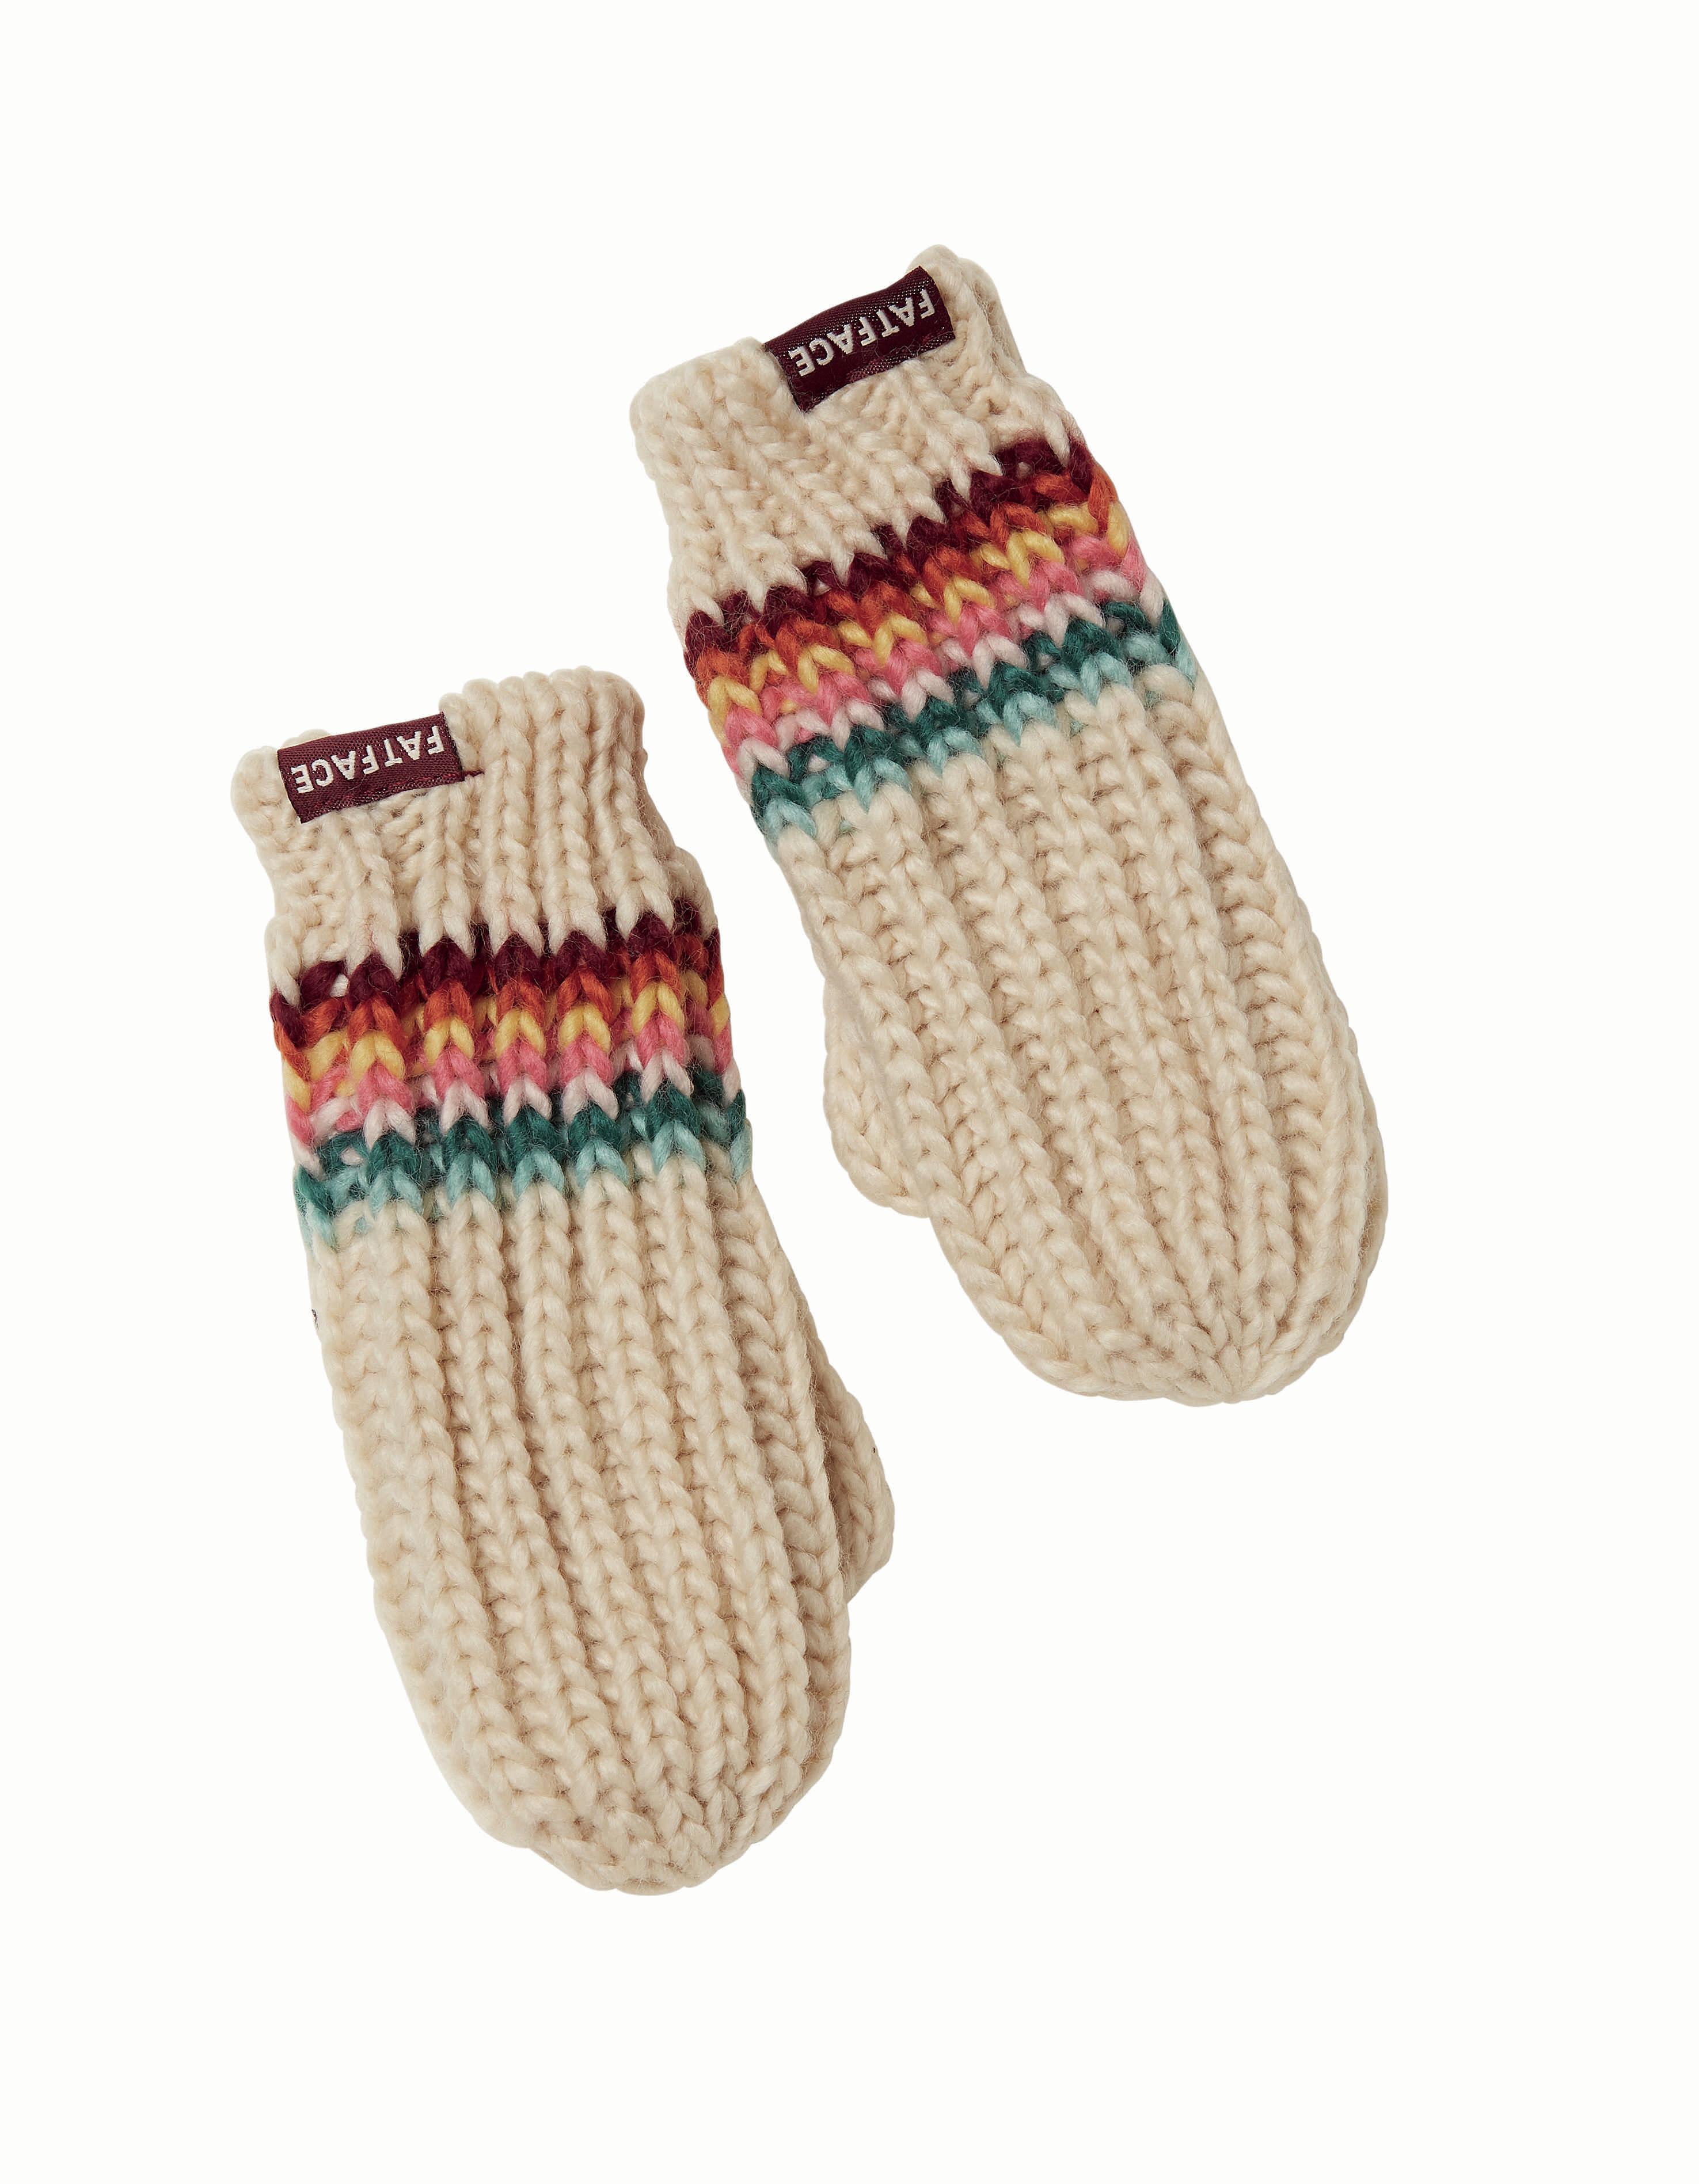 Rachel stripe mittens, £9.50, Fatface